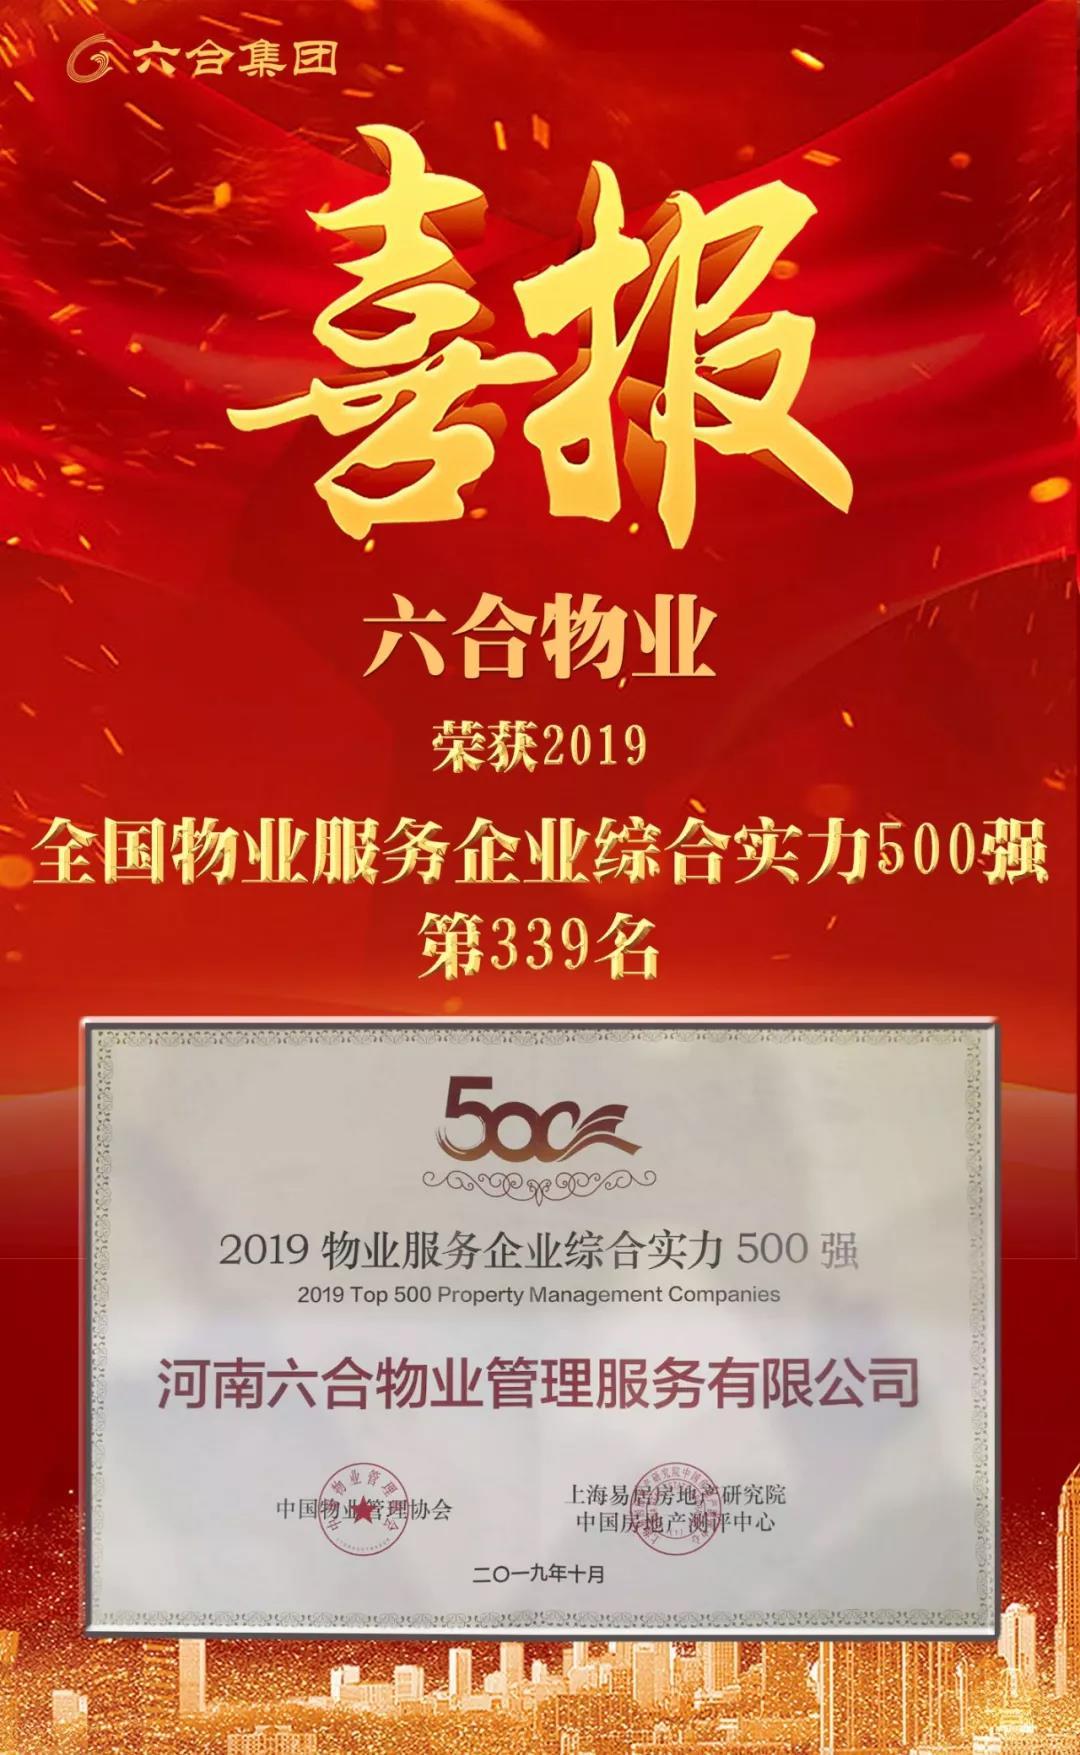 喜讯 | 球吧网直播官网 新闻物业荣获2019全国物业服务企业综合实力500强第339名